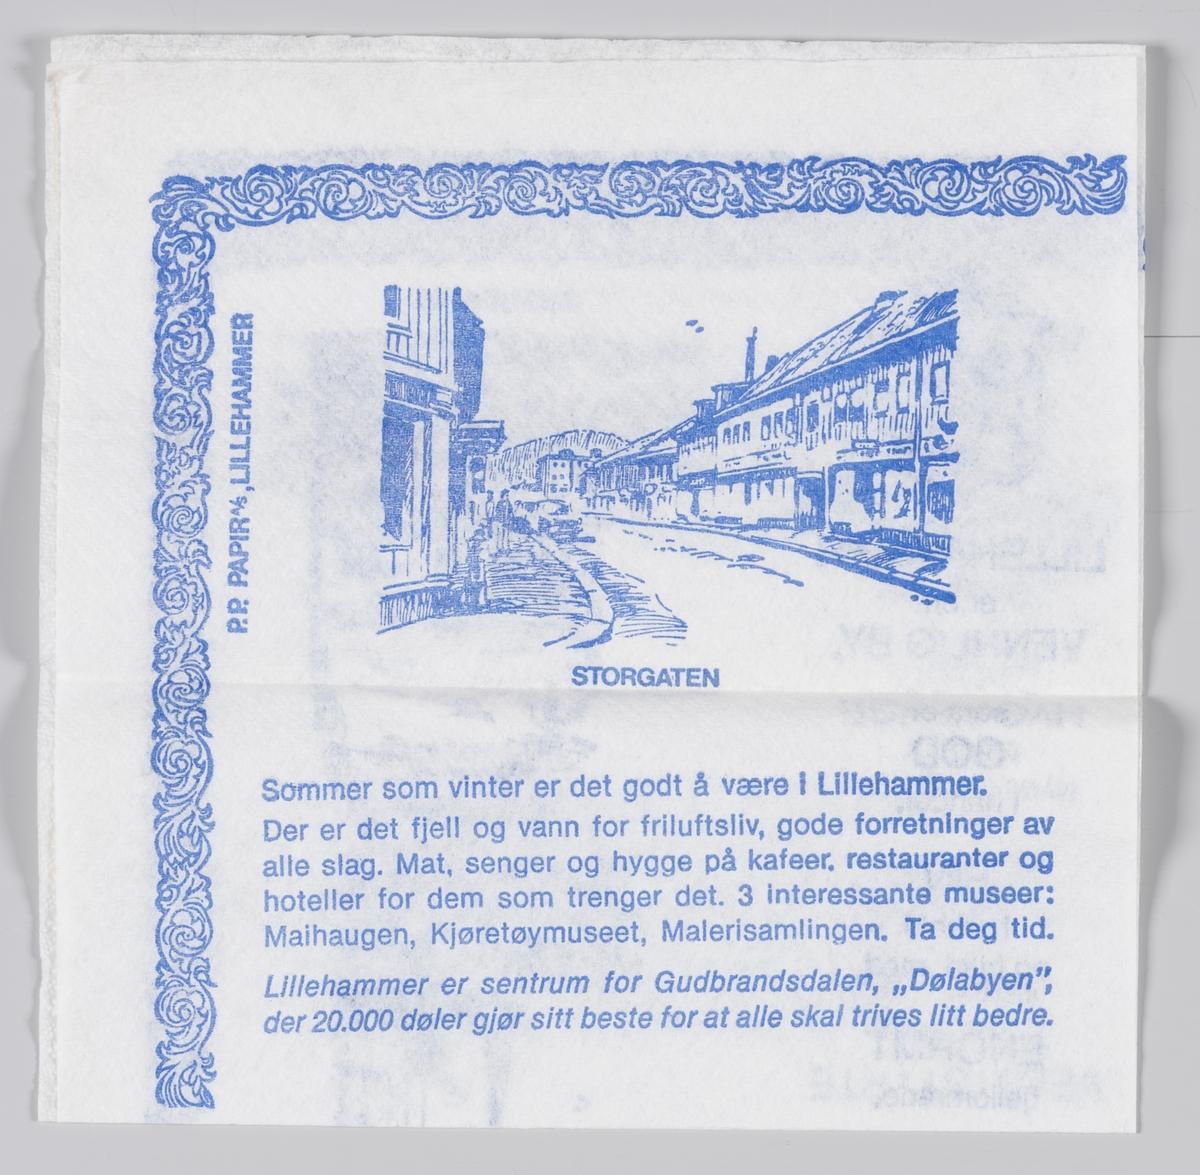 """En tegning av en statue av Lillehammers grunnlegger og Storgaten, Maihaugen; """"Tårnpetter"""" og Stortorget og beskrivelse og reklame for OL-byen Lillehammer."""